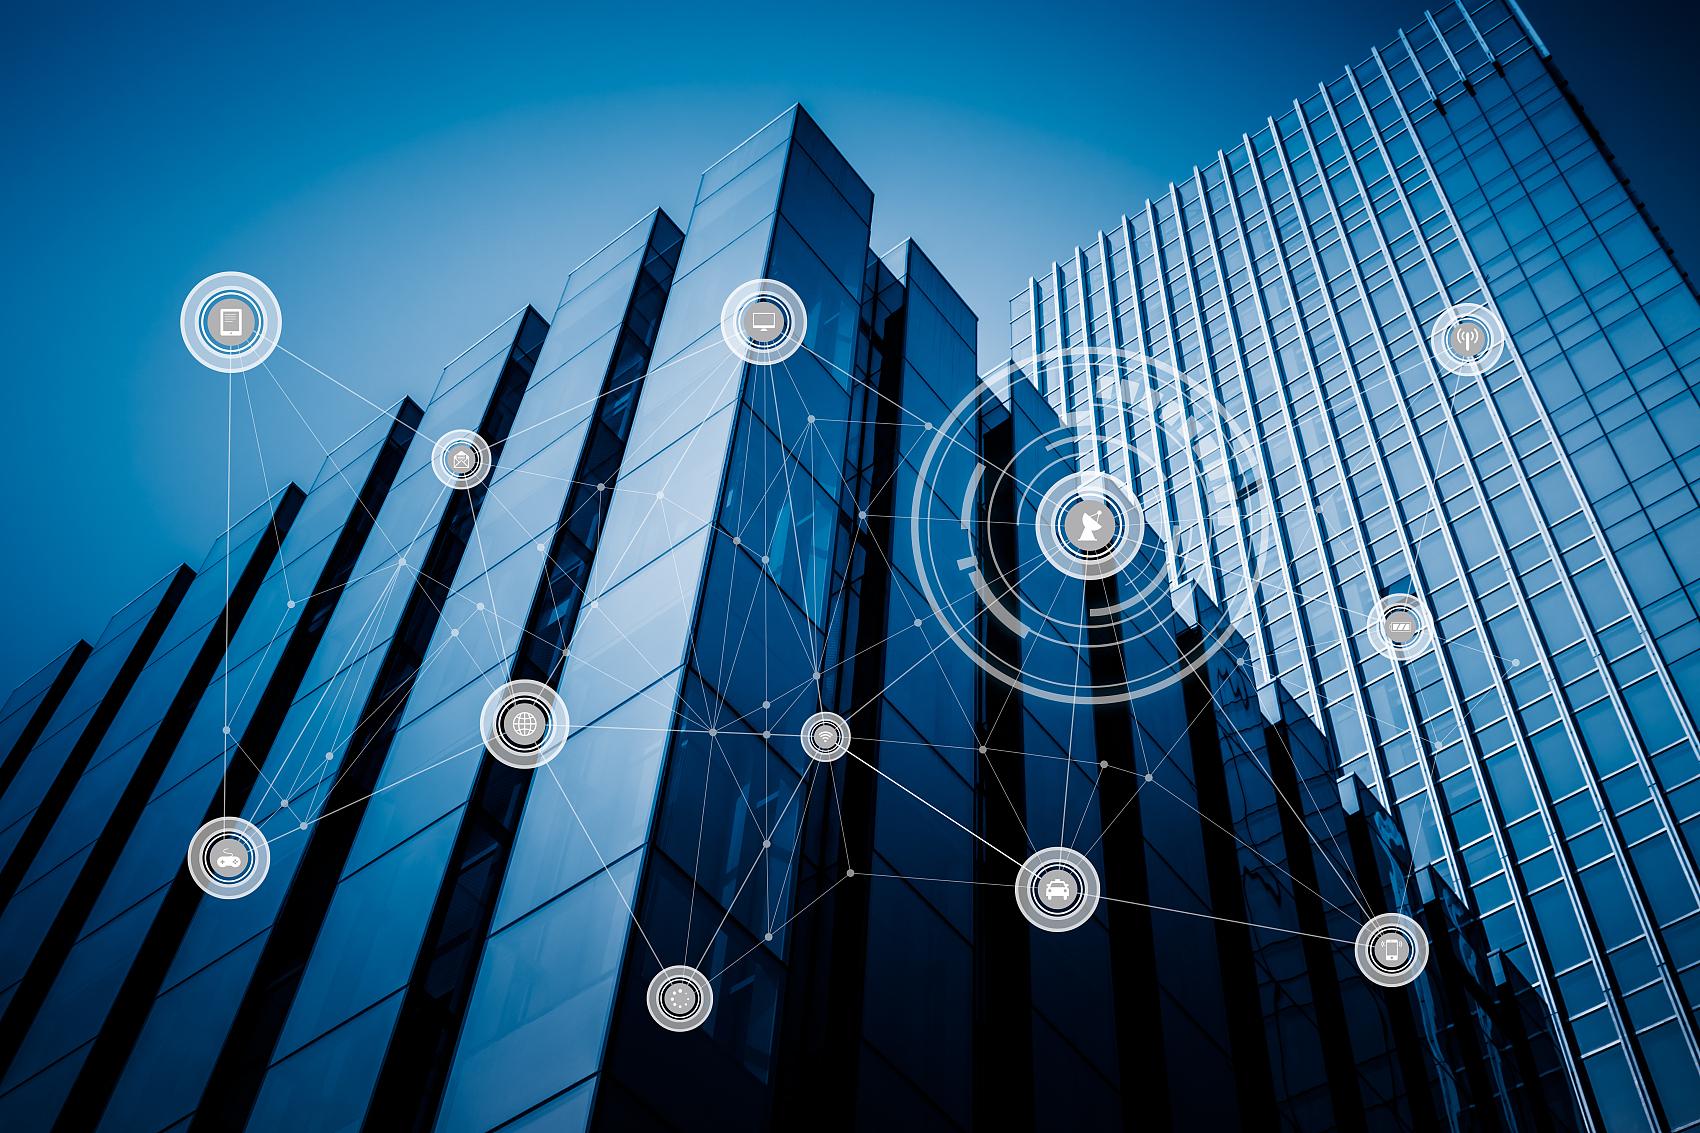 """4种技术助力智能建筑更""""智能""""- 2021广州国际建筑电气技术展览会新展期定于8月3日-6日"""